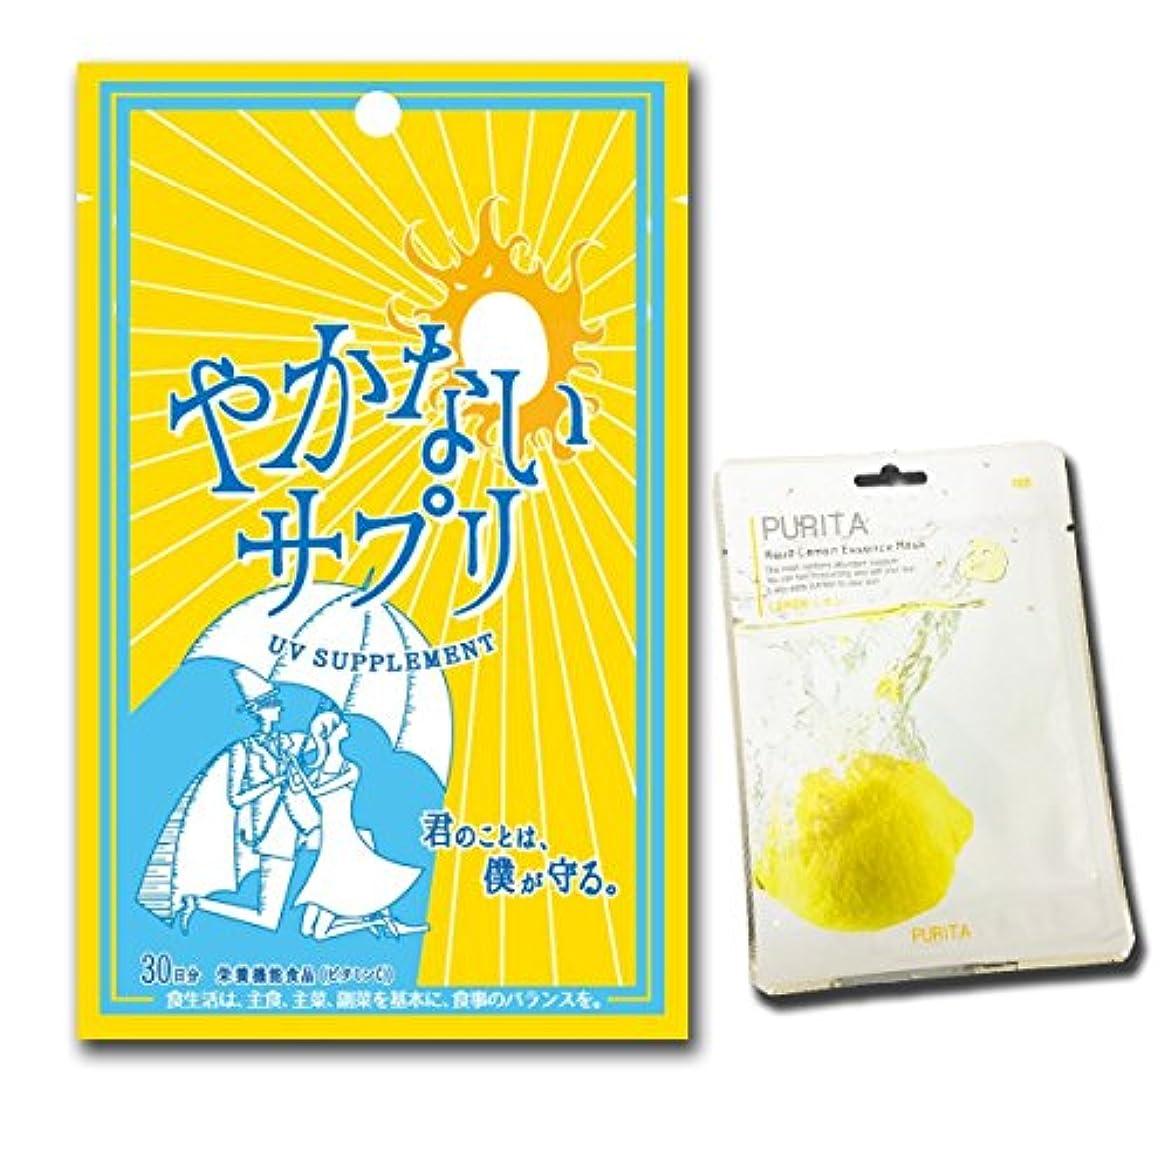 ヘルシーまた明日ねまっすぐ飲む日焼け止め やかないサプリ 日本製 (30粒/30日分) PURITAフェイスマスク1枚付